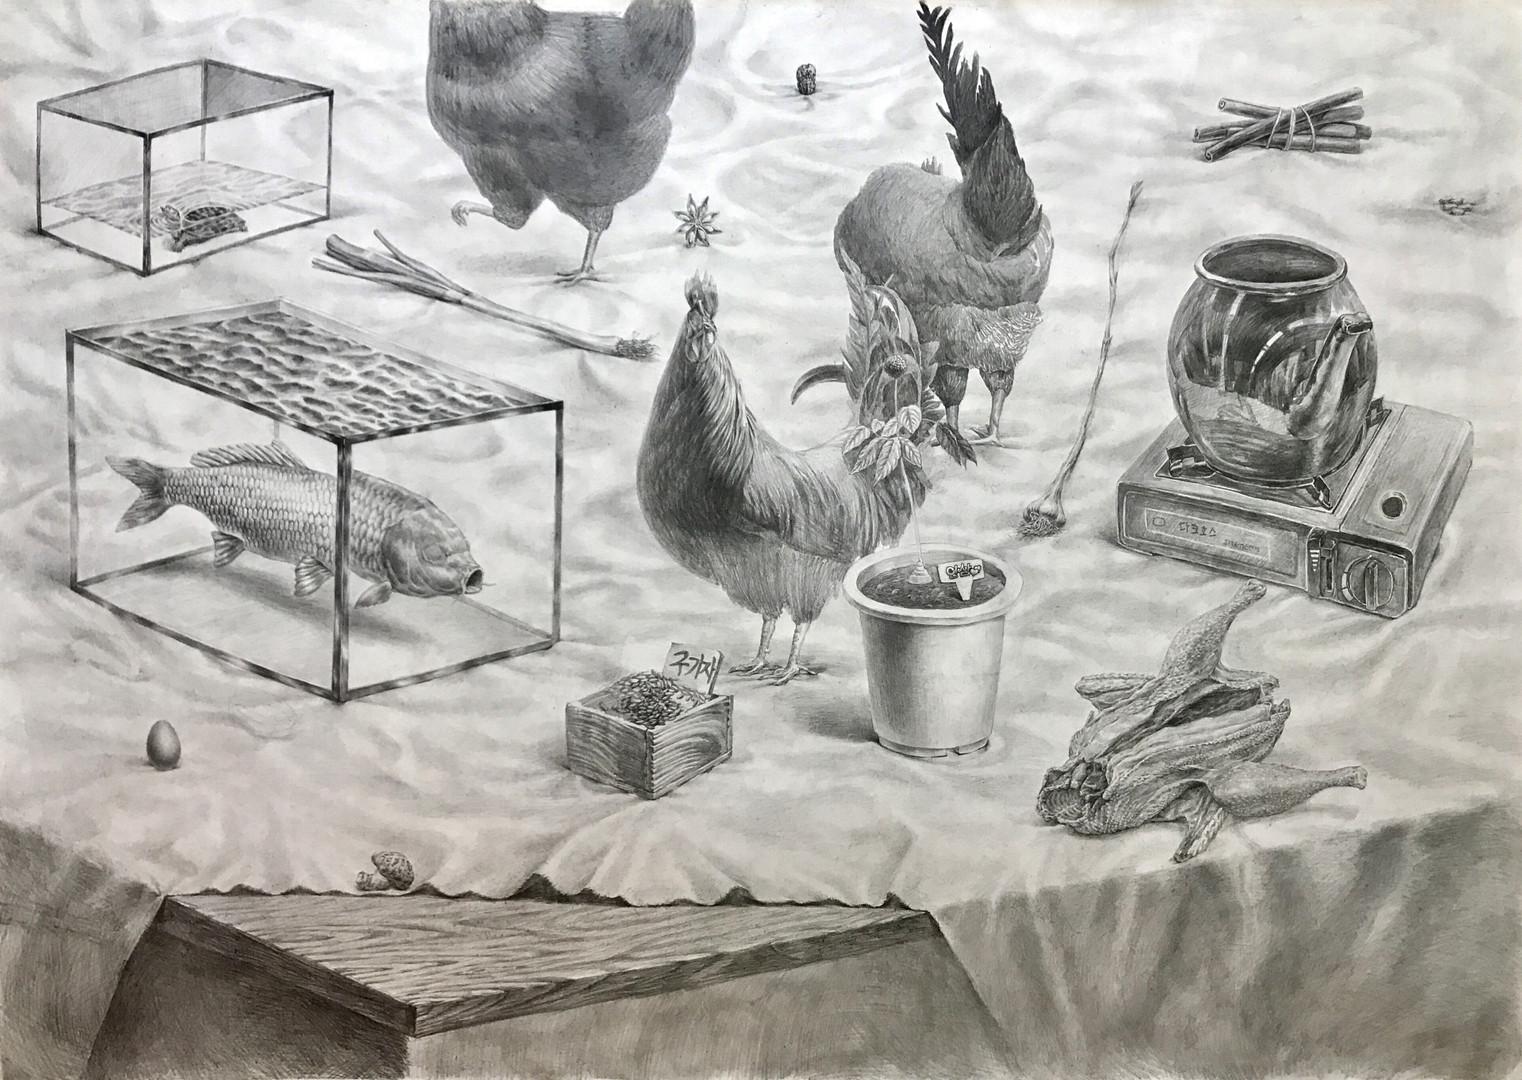 2용과봉황이 있는 풍경, 135X165cm, 장지에 연필, 2017